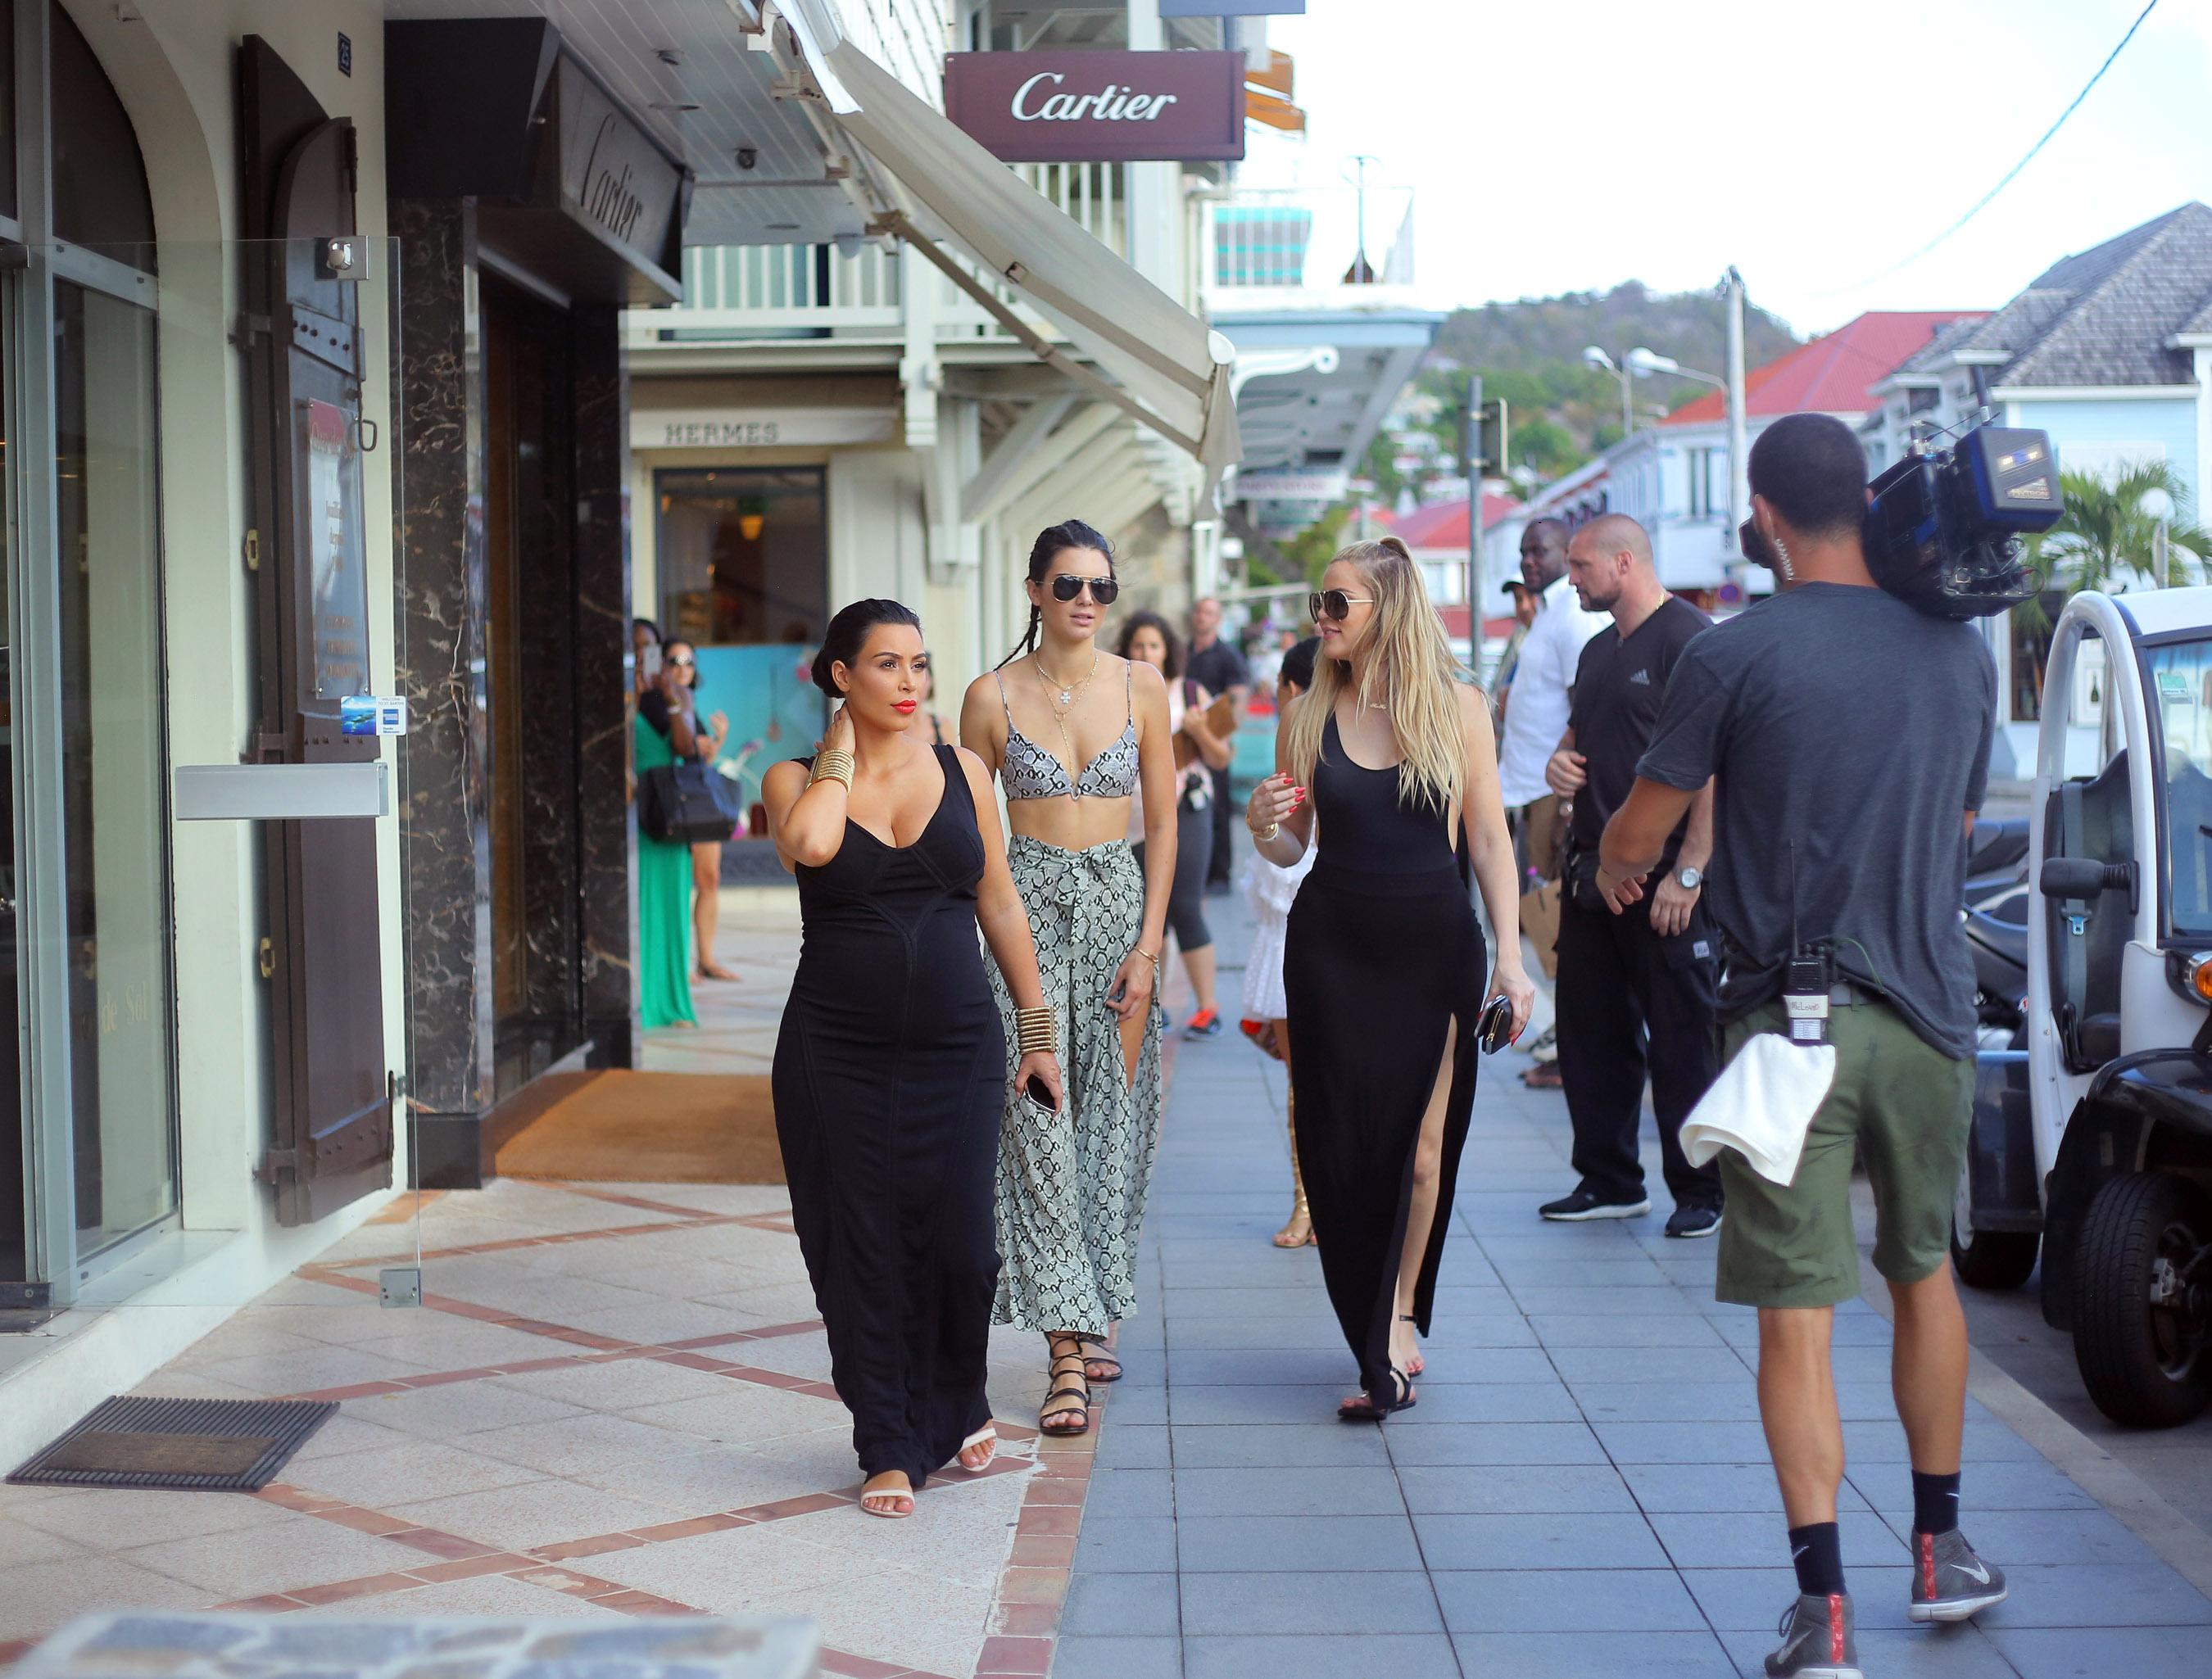 Kim Kardashian, Kendall Jenner, Kourtney Kardashian, Khloe Kardashian in St. Barts